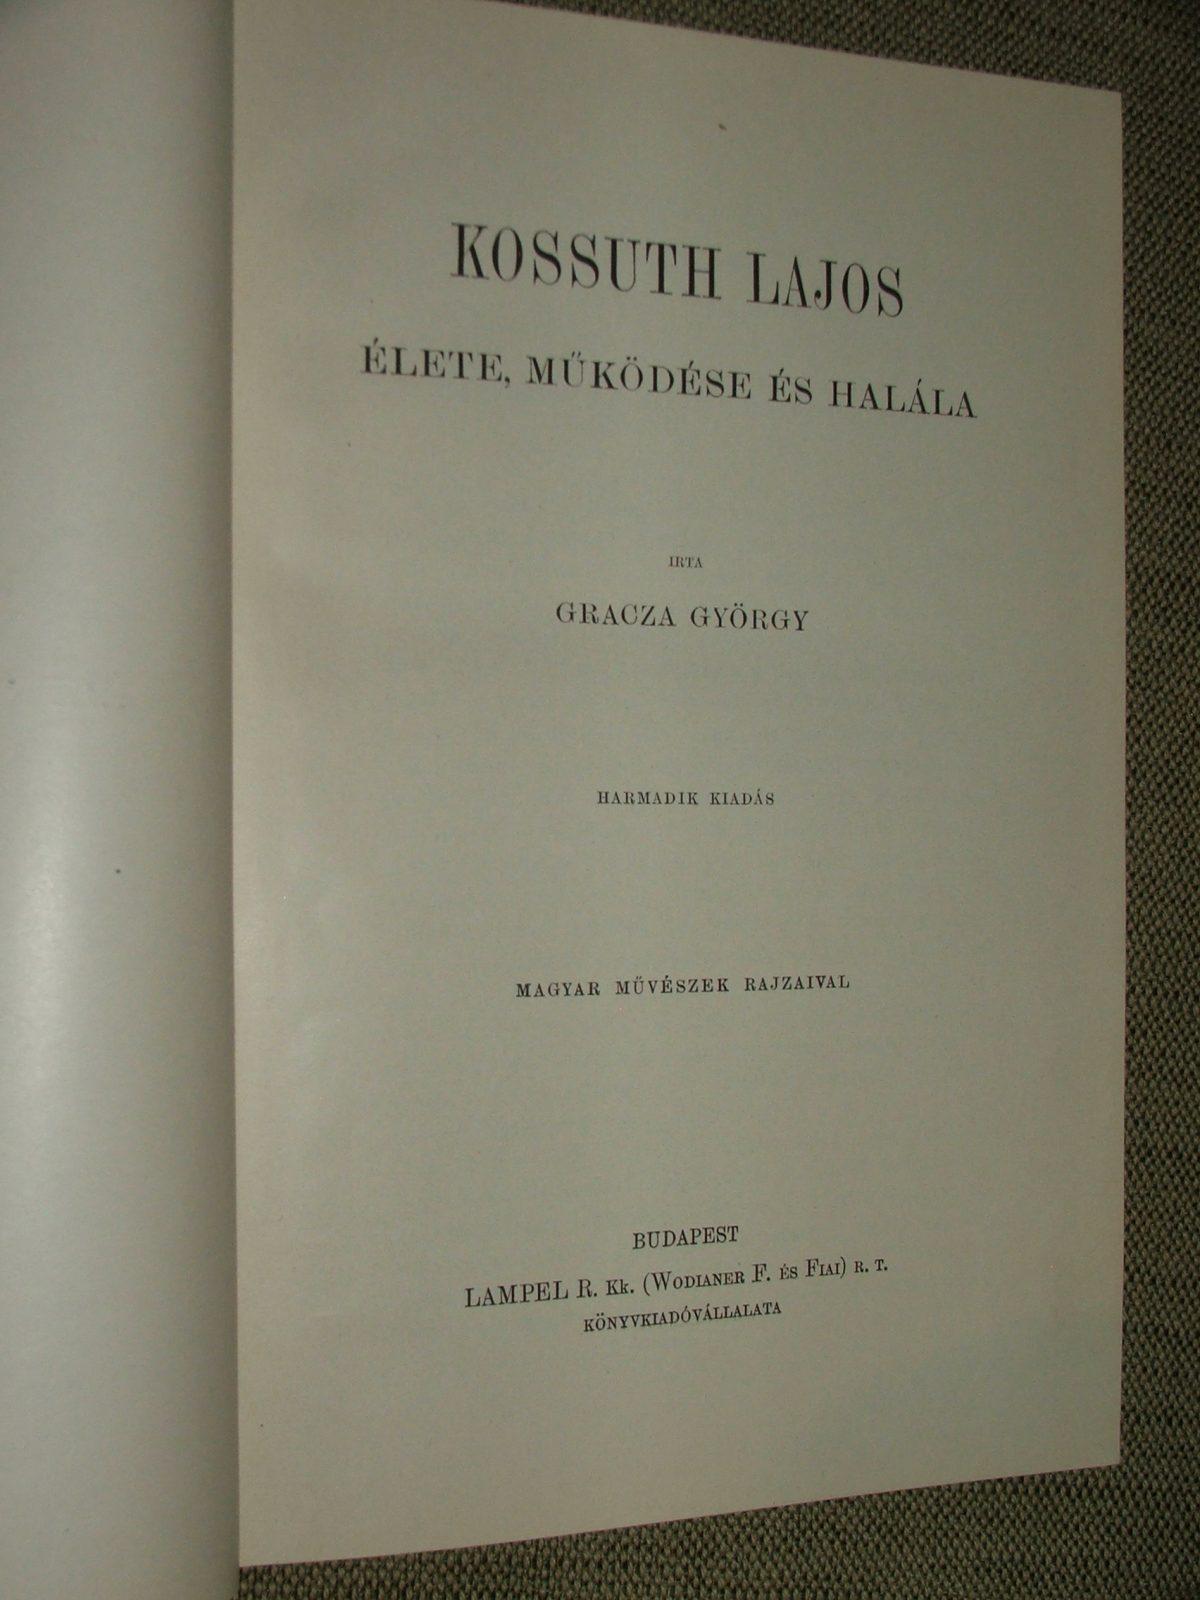 GRACZA György: Kossuth Lajos élete, működése és halála